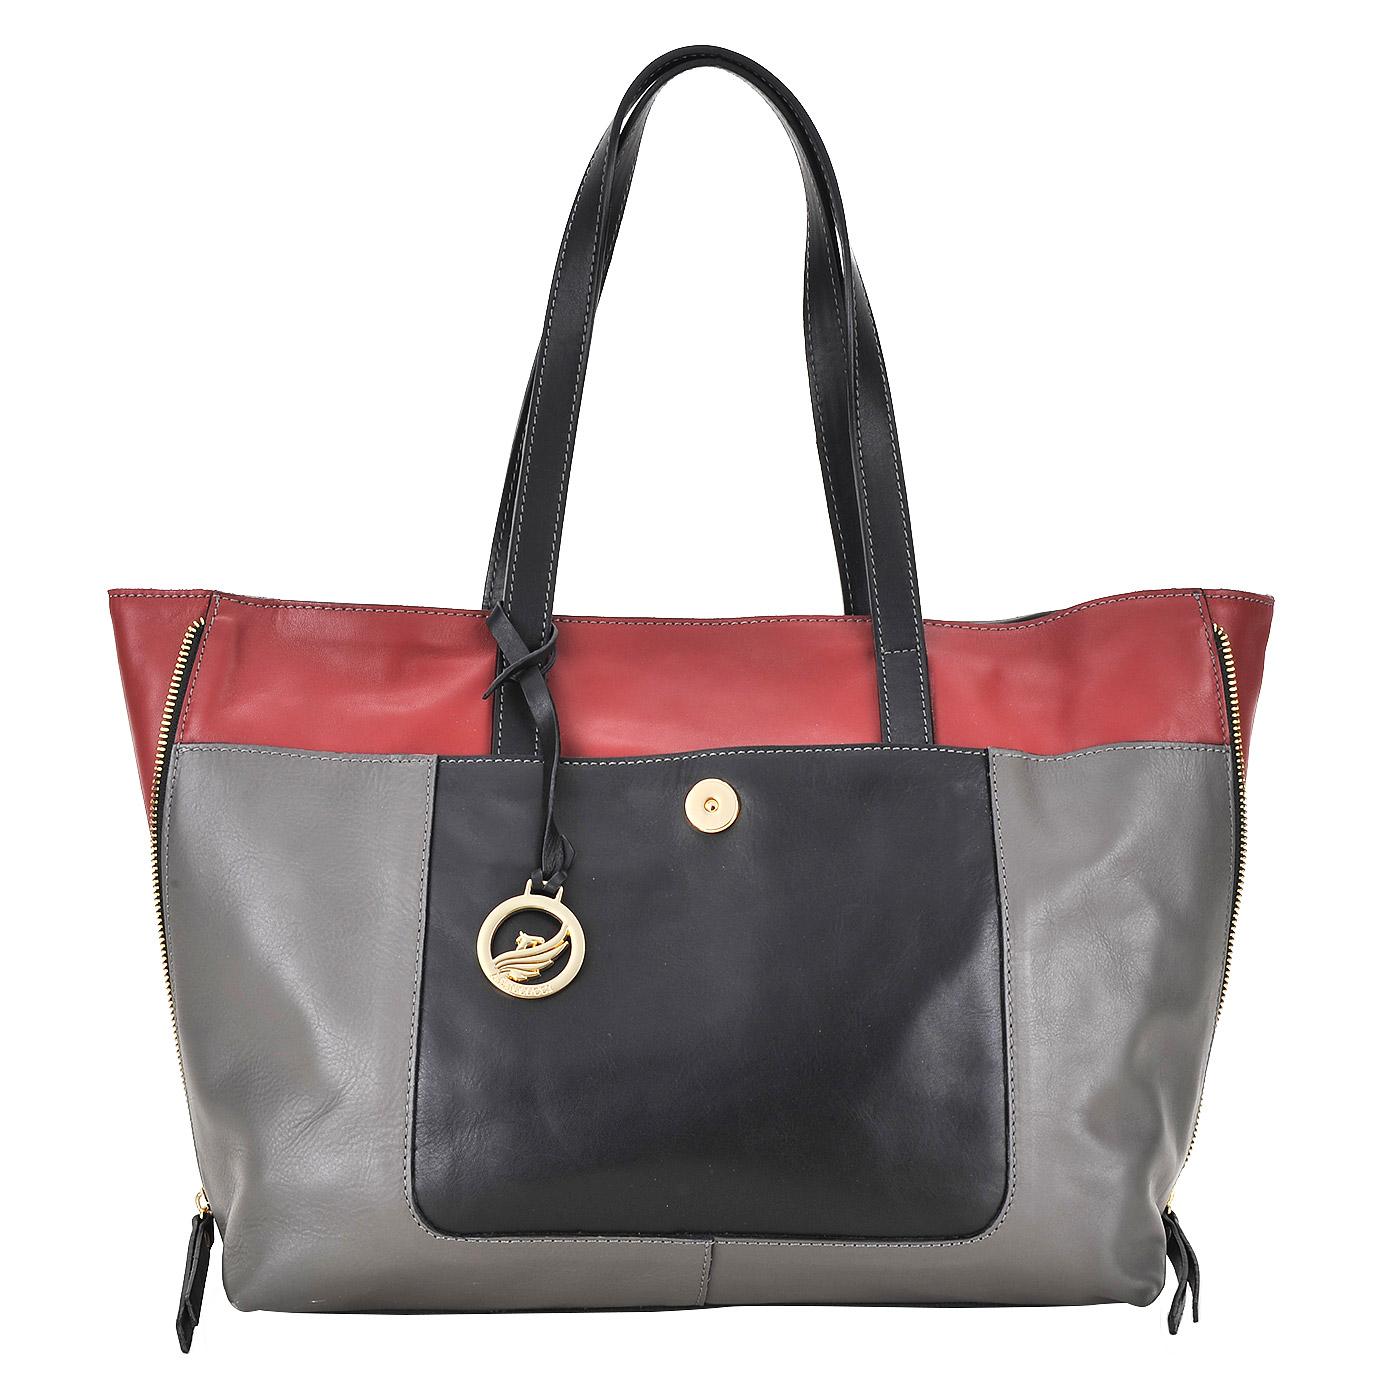 СумкаКлассические сумки<br>Закрывается на молнию и на магнитную кнопку. Внутри одно отделение, в котором карман на молнии и два кармашка для мелочей. Снаружи на передней стенке сумки карман.<br><br>count_sale: 0<br>new: 1<br>sale: 0